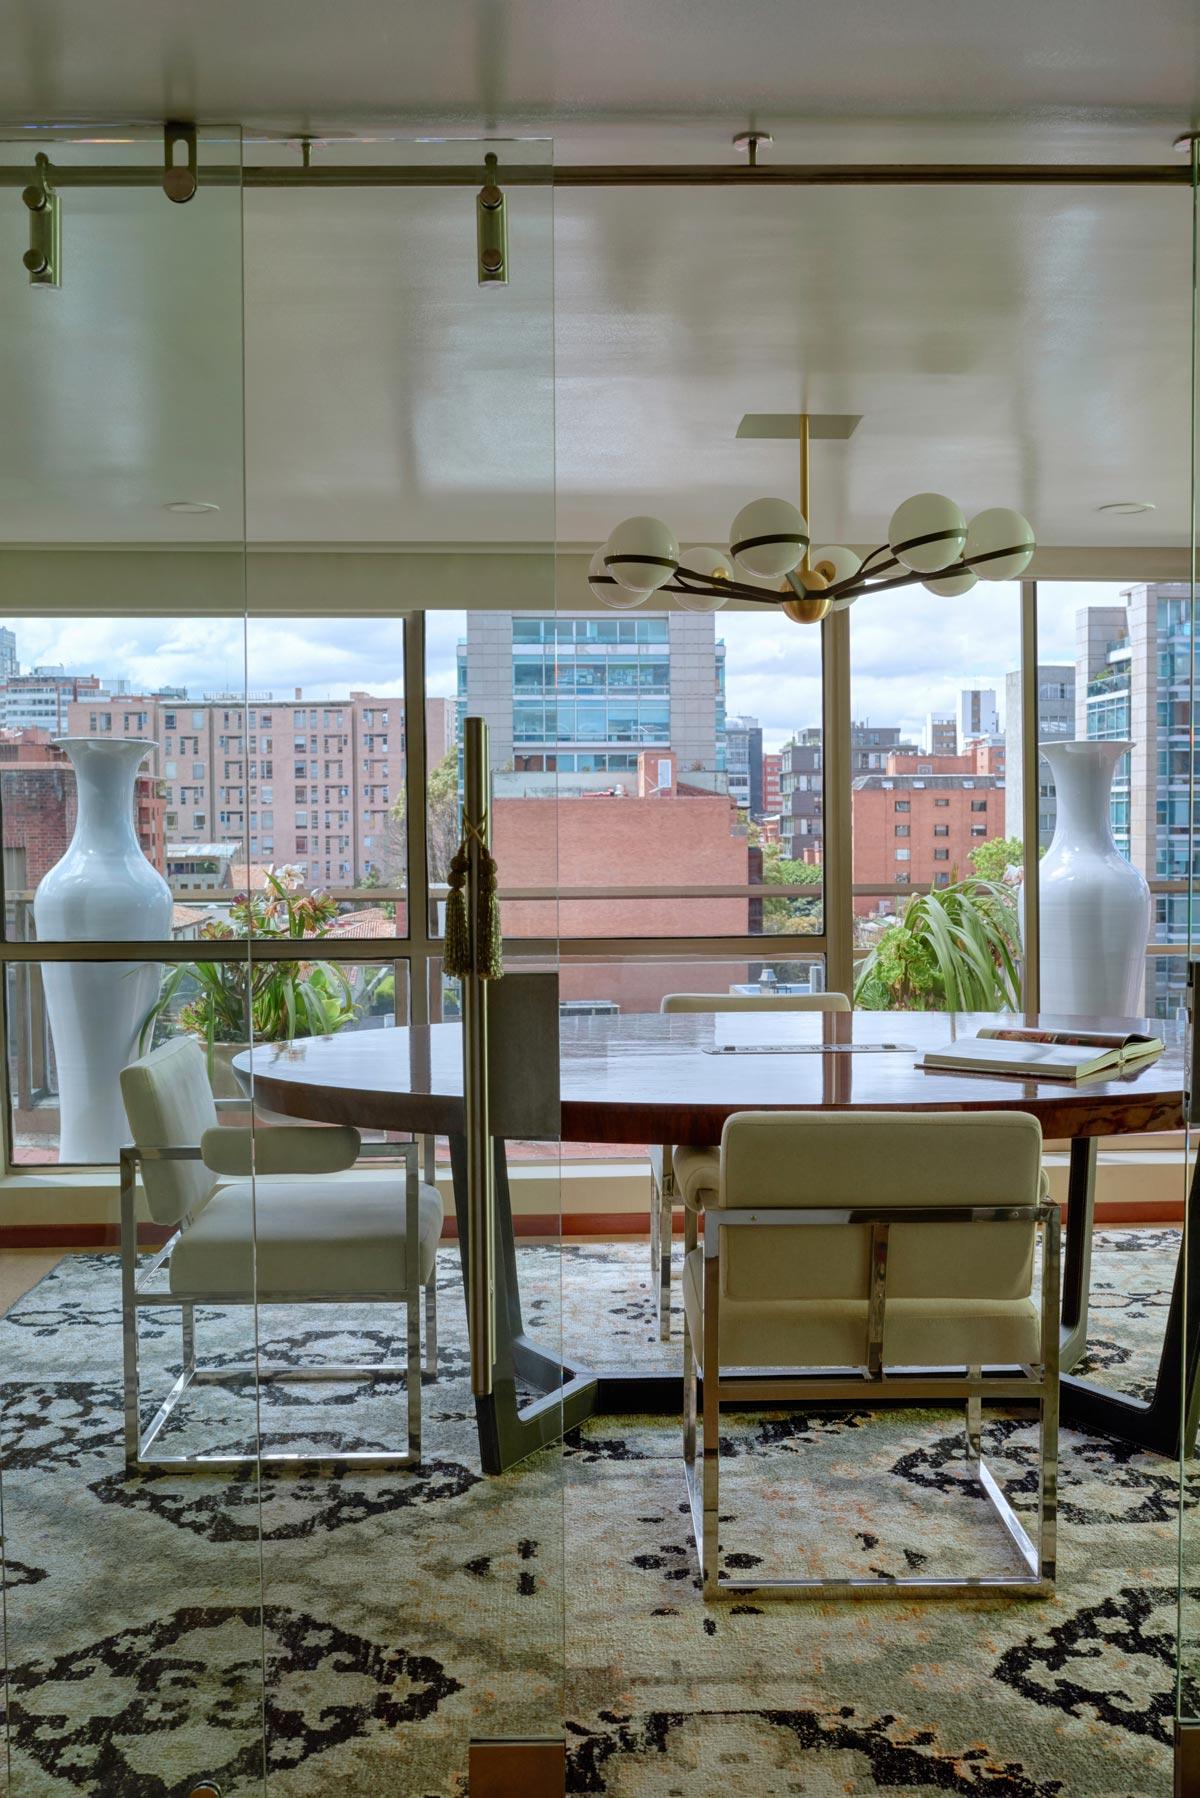 Design Studio, Bogota, Colombia, Veronica Mishaan